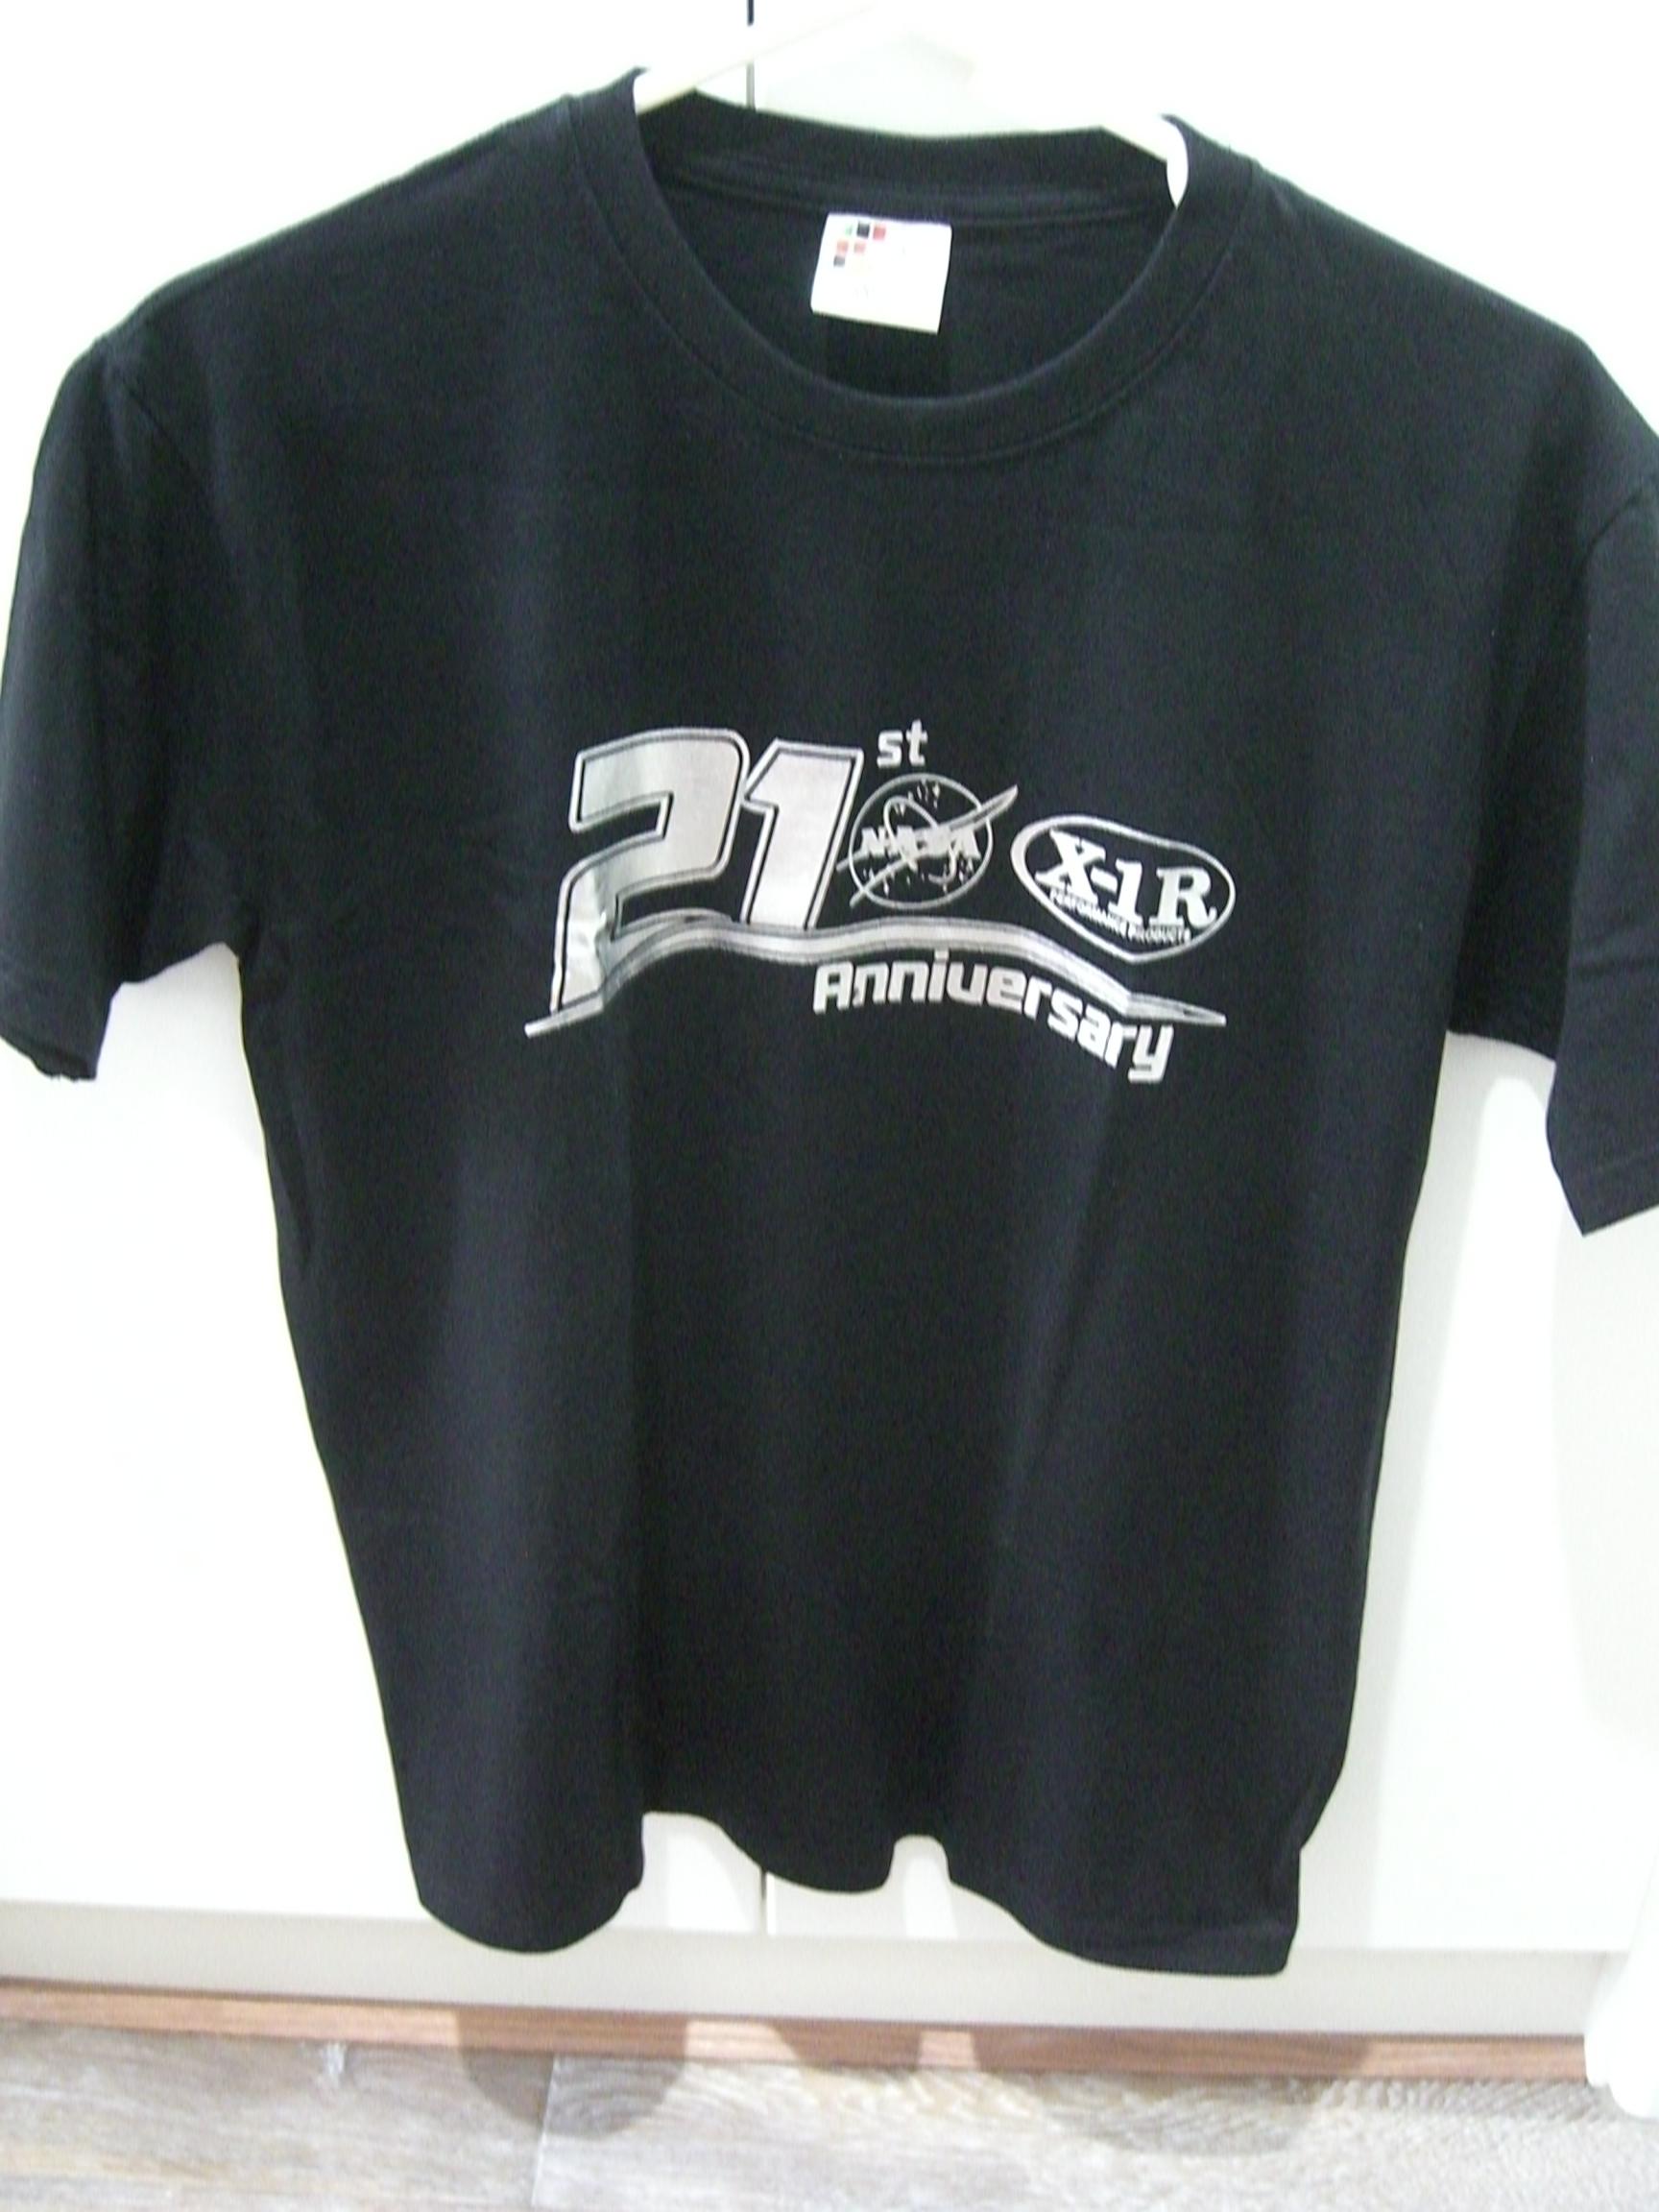 21st Anniversary T Shirt